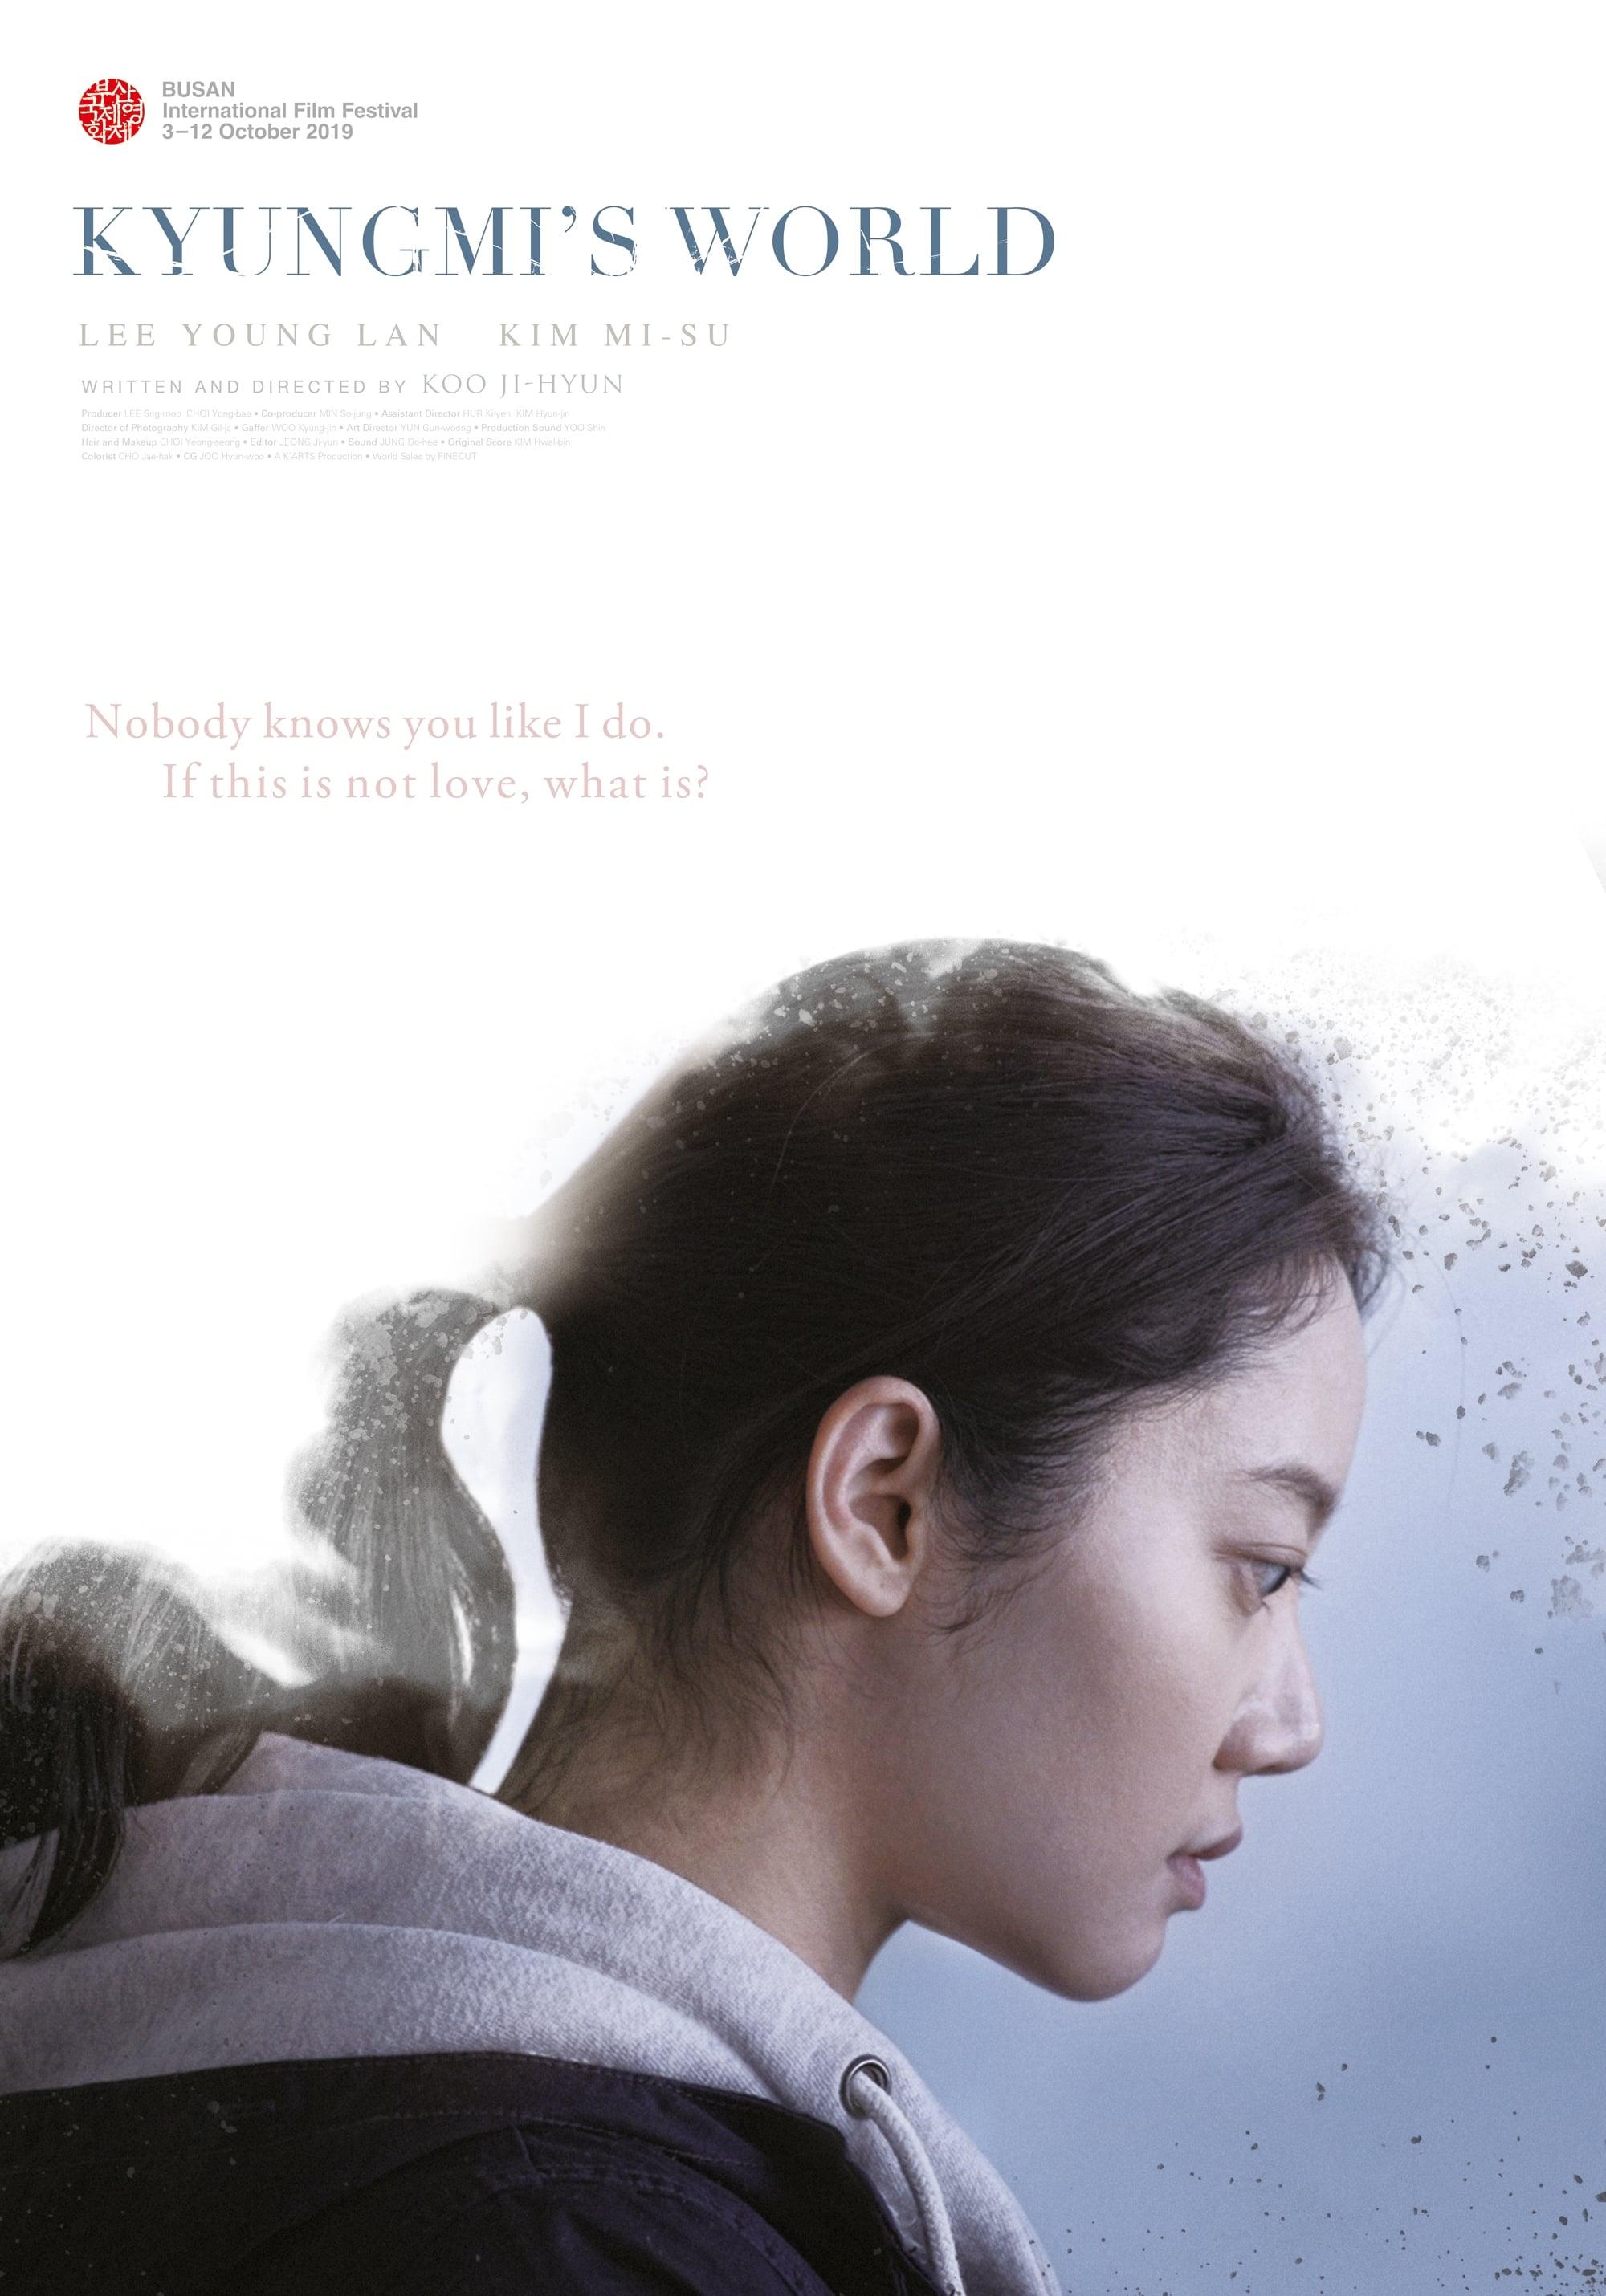 Kyungmi's World